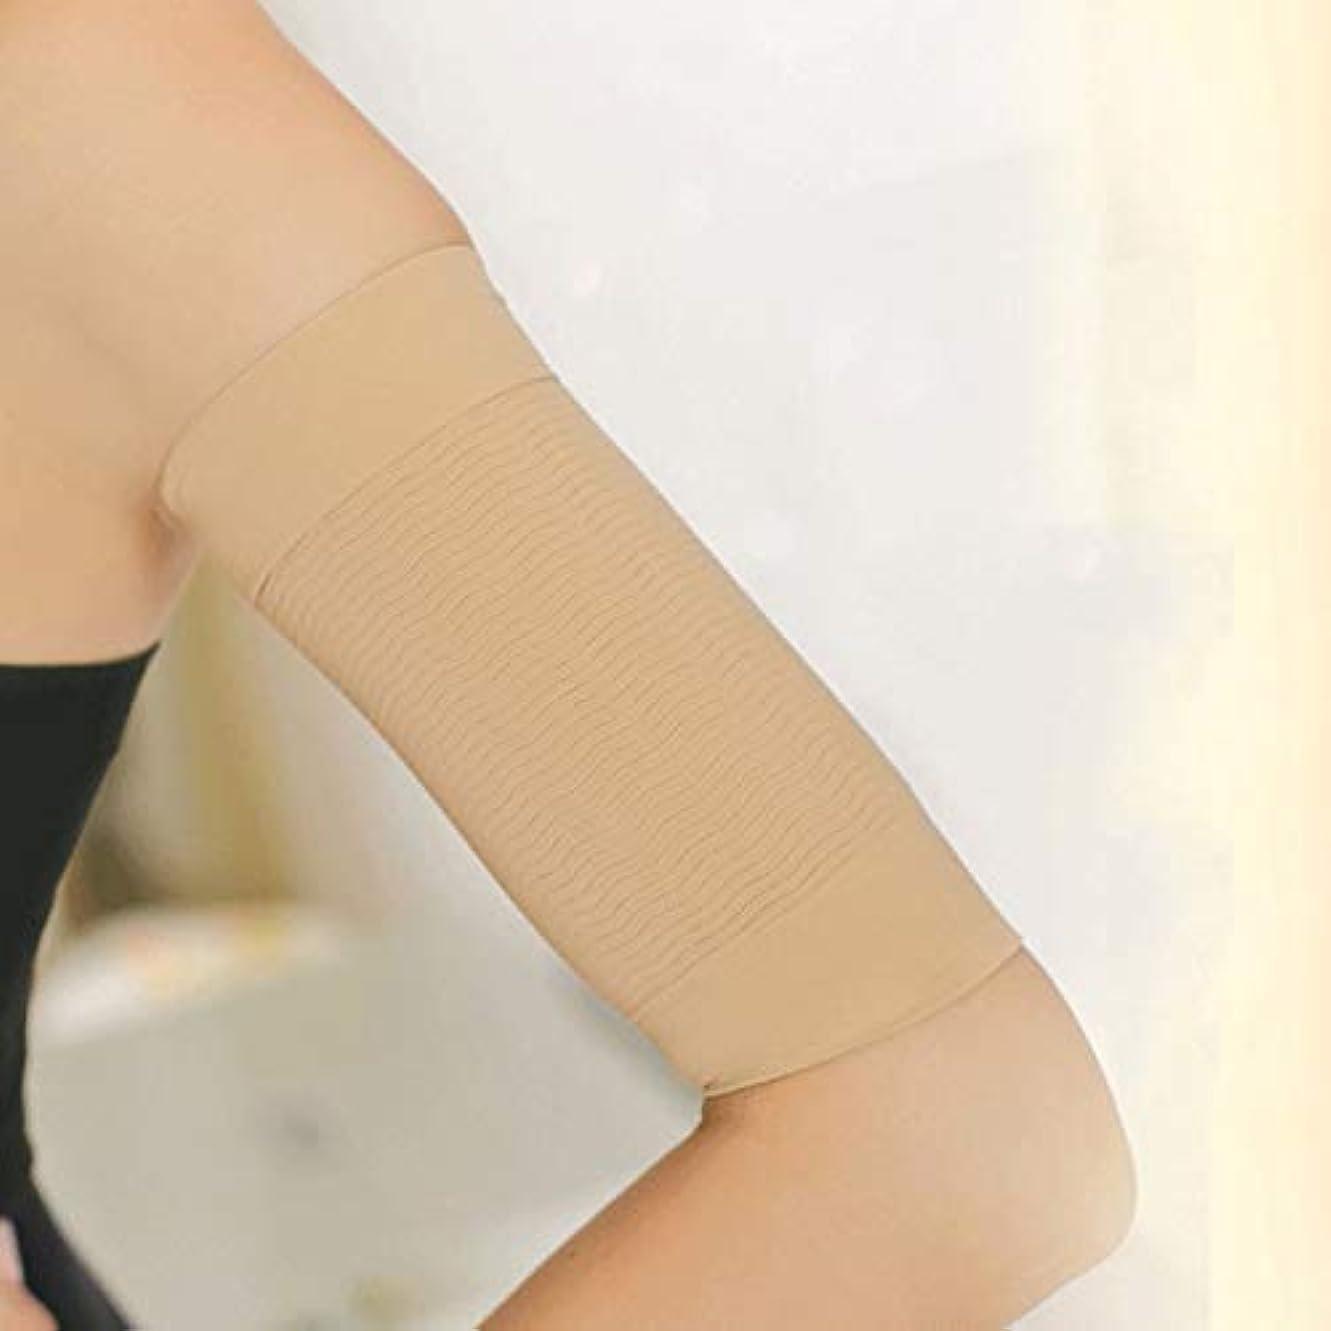 アンペアインデックス赤字1ペア420 d圧縮痩身アームスリーブワークアウトトーニングバーンセルライトシェイパー脂肪燃焼袖用女性